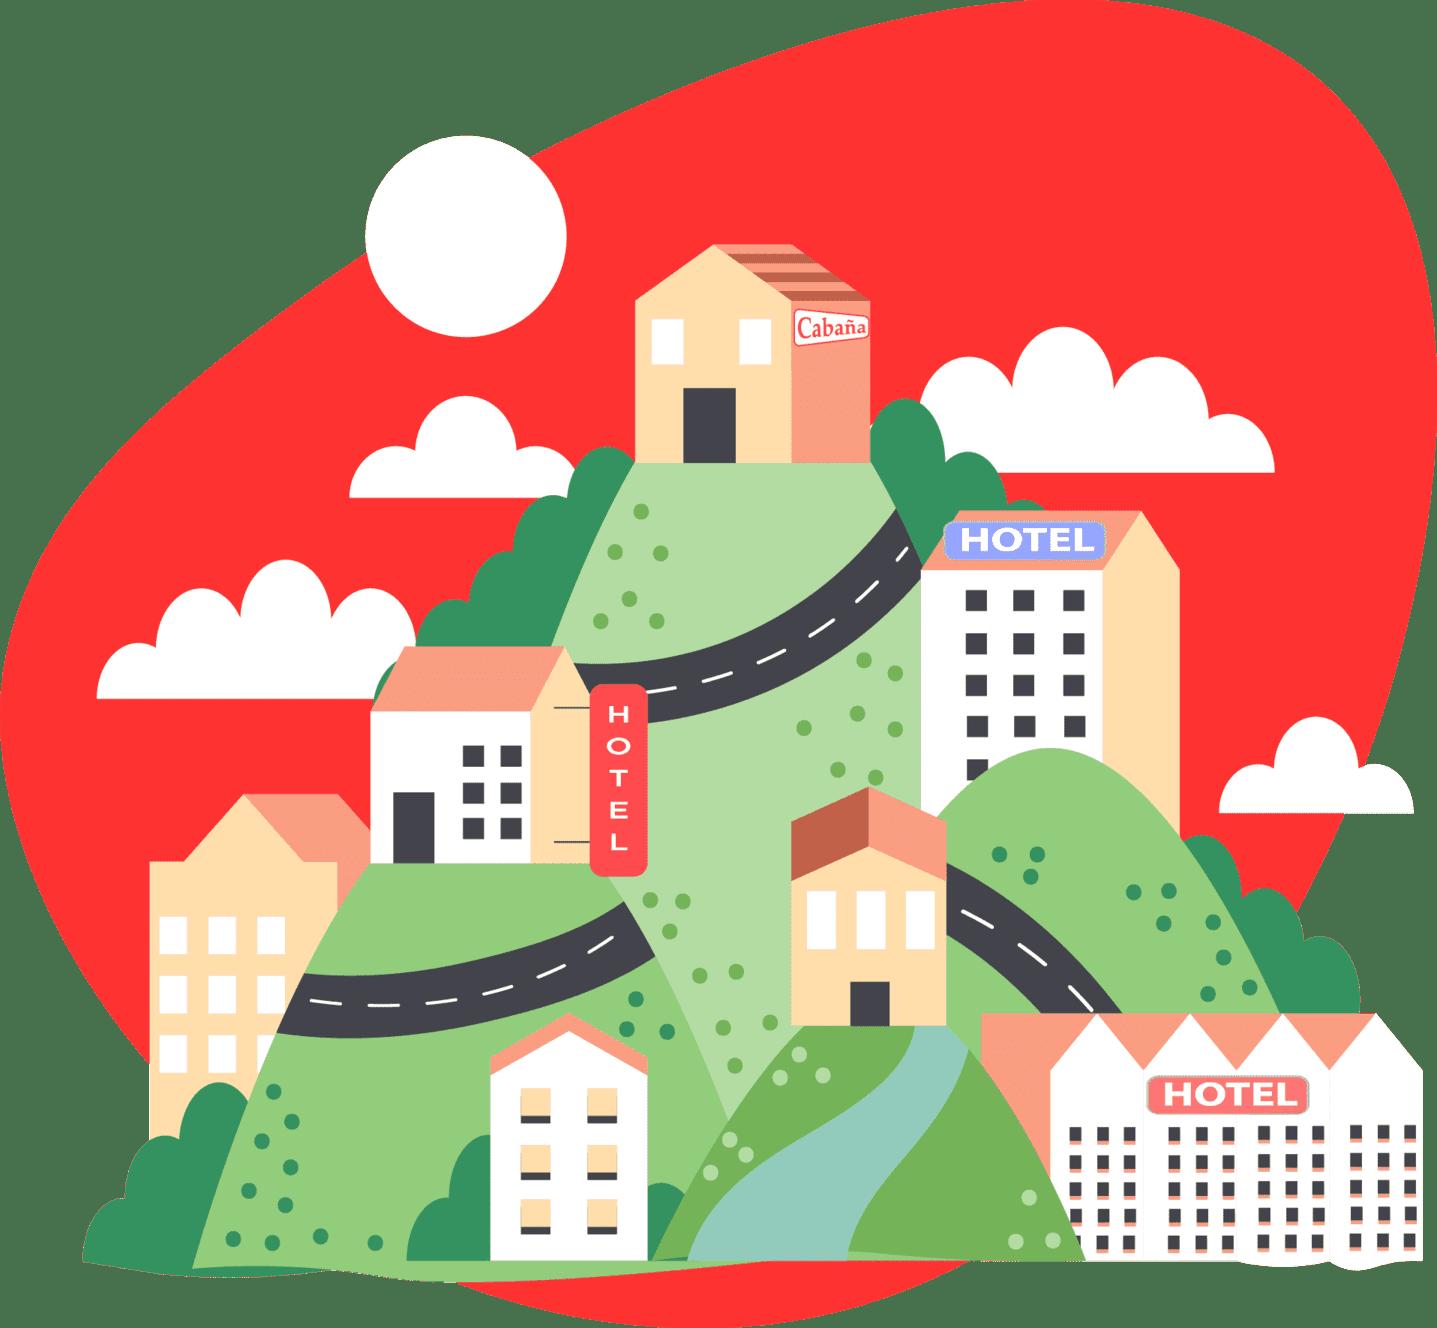 ciudad con hoteles ocupados